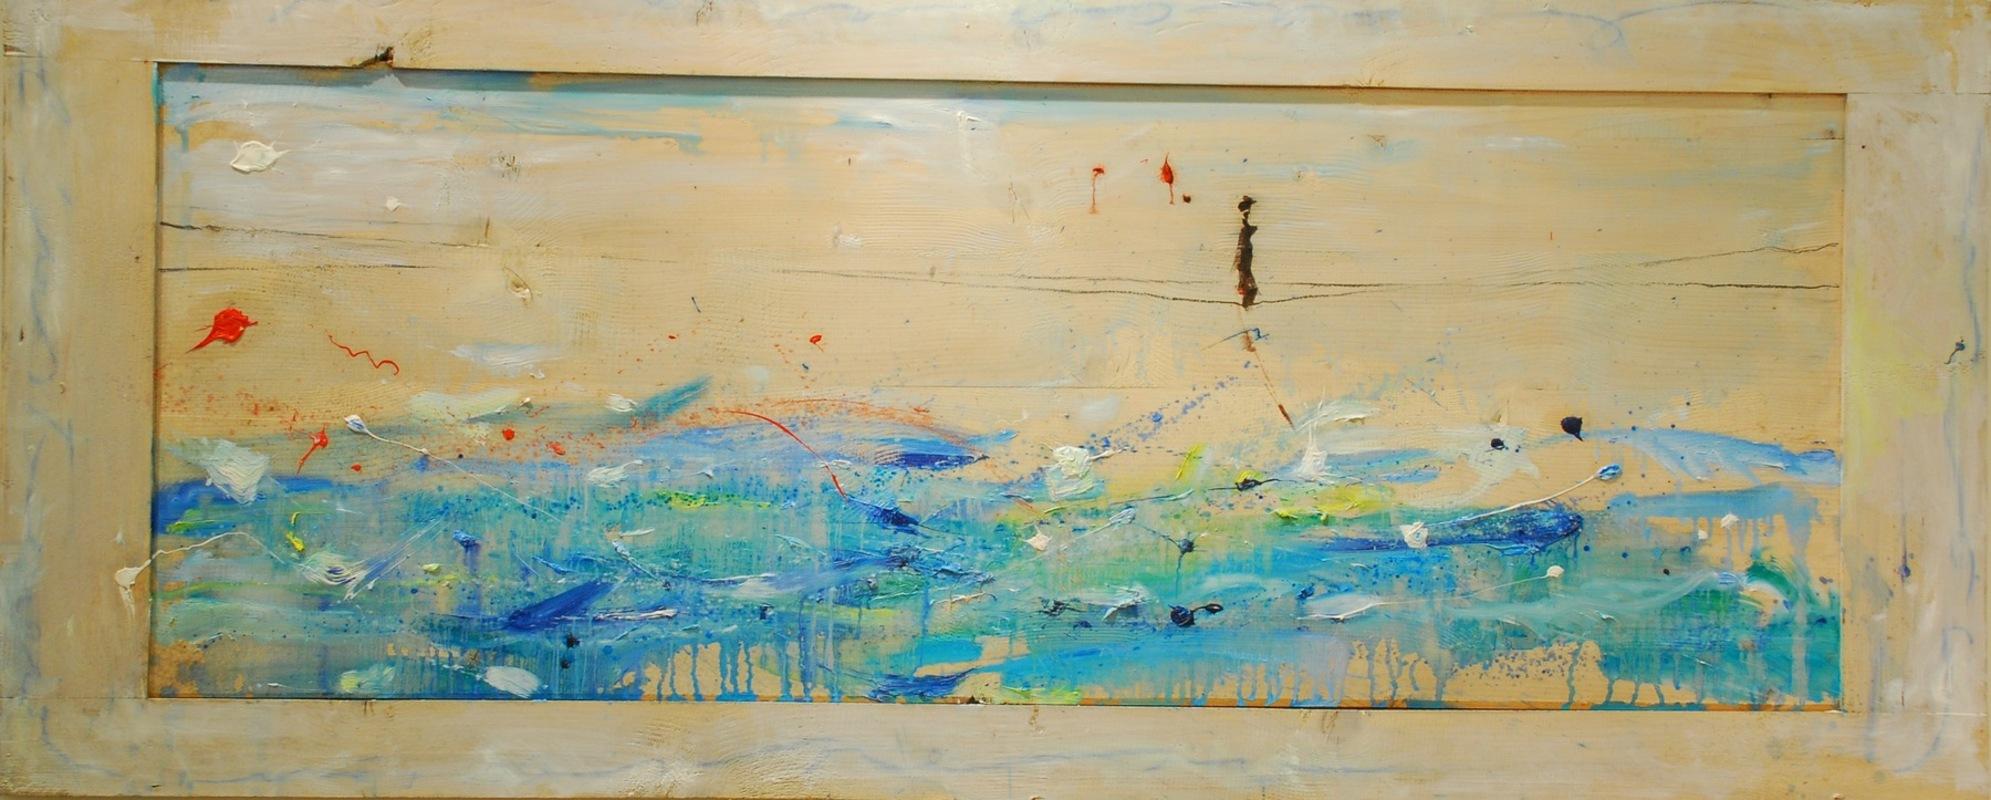 Martina Dalla Stella - In sospeso, olio su tavola, 70x170 cm, 2011